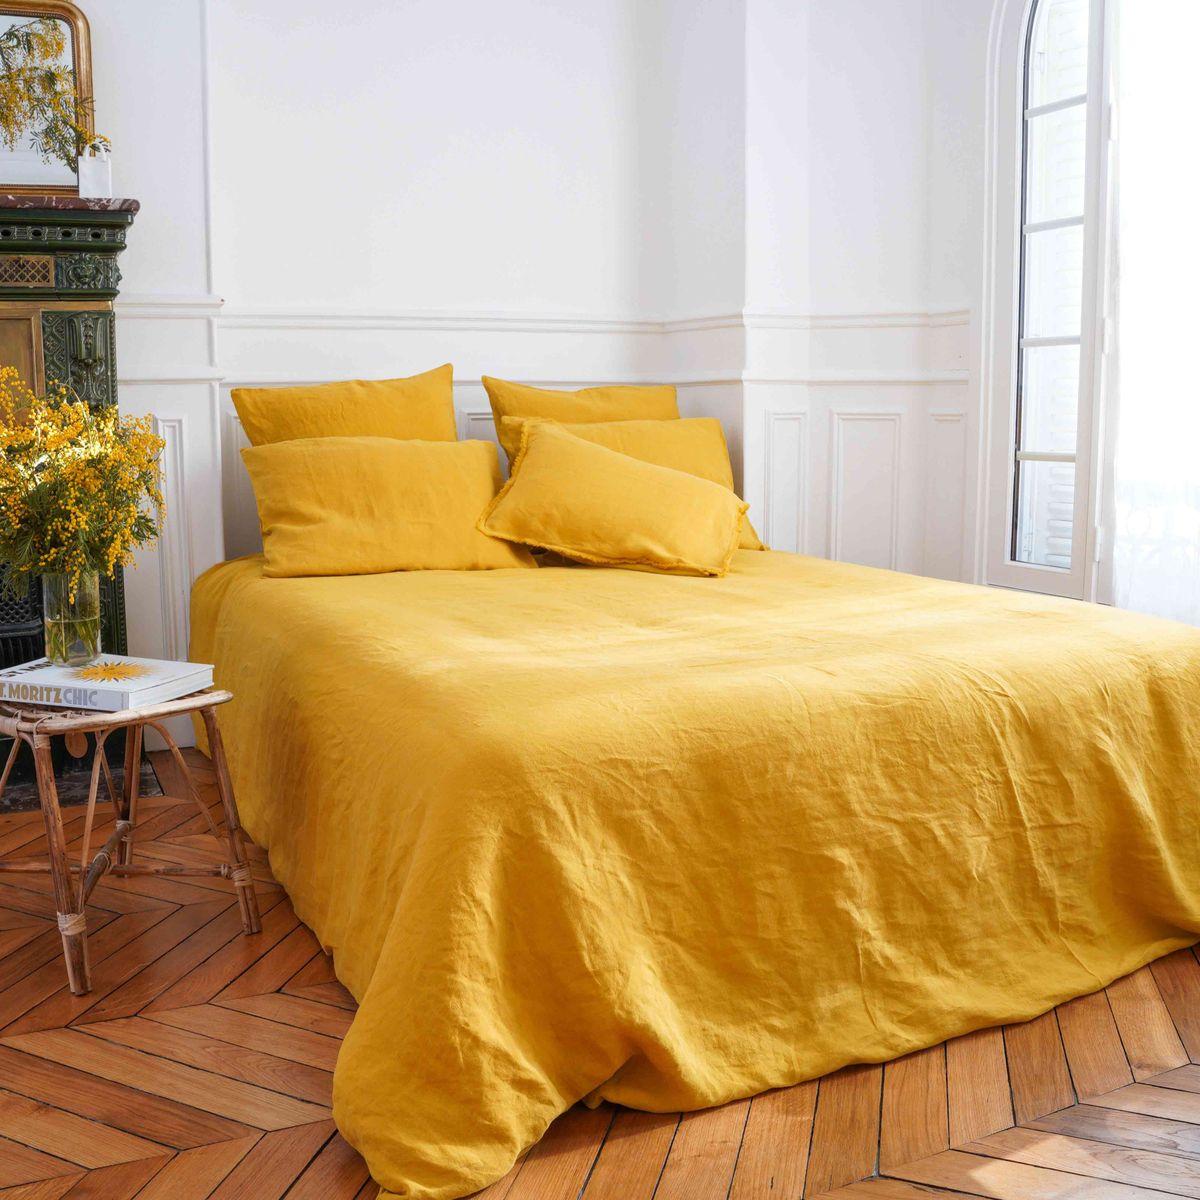 Housse de couette chanvre et coton jaune